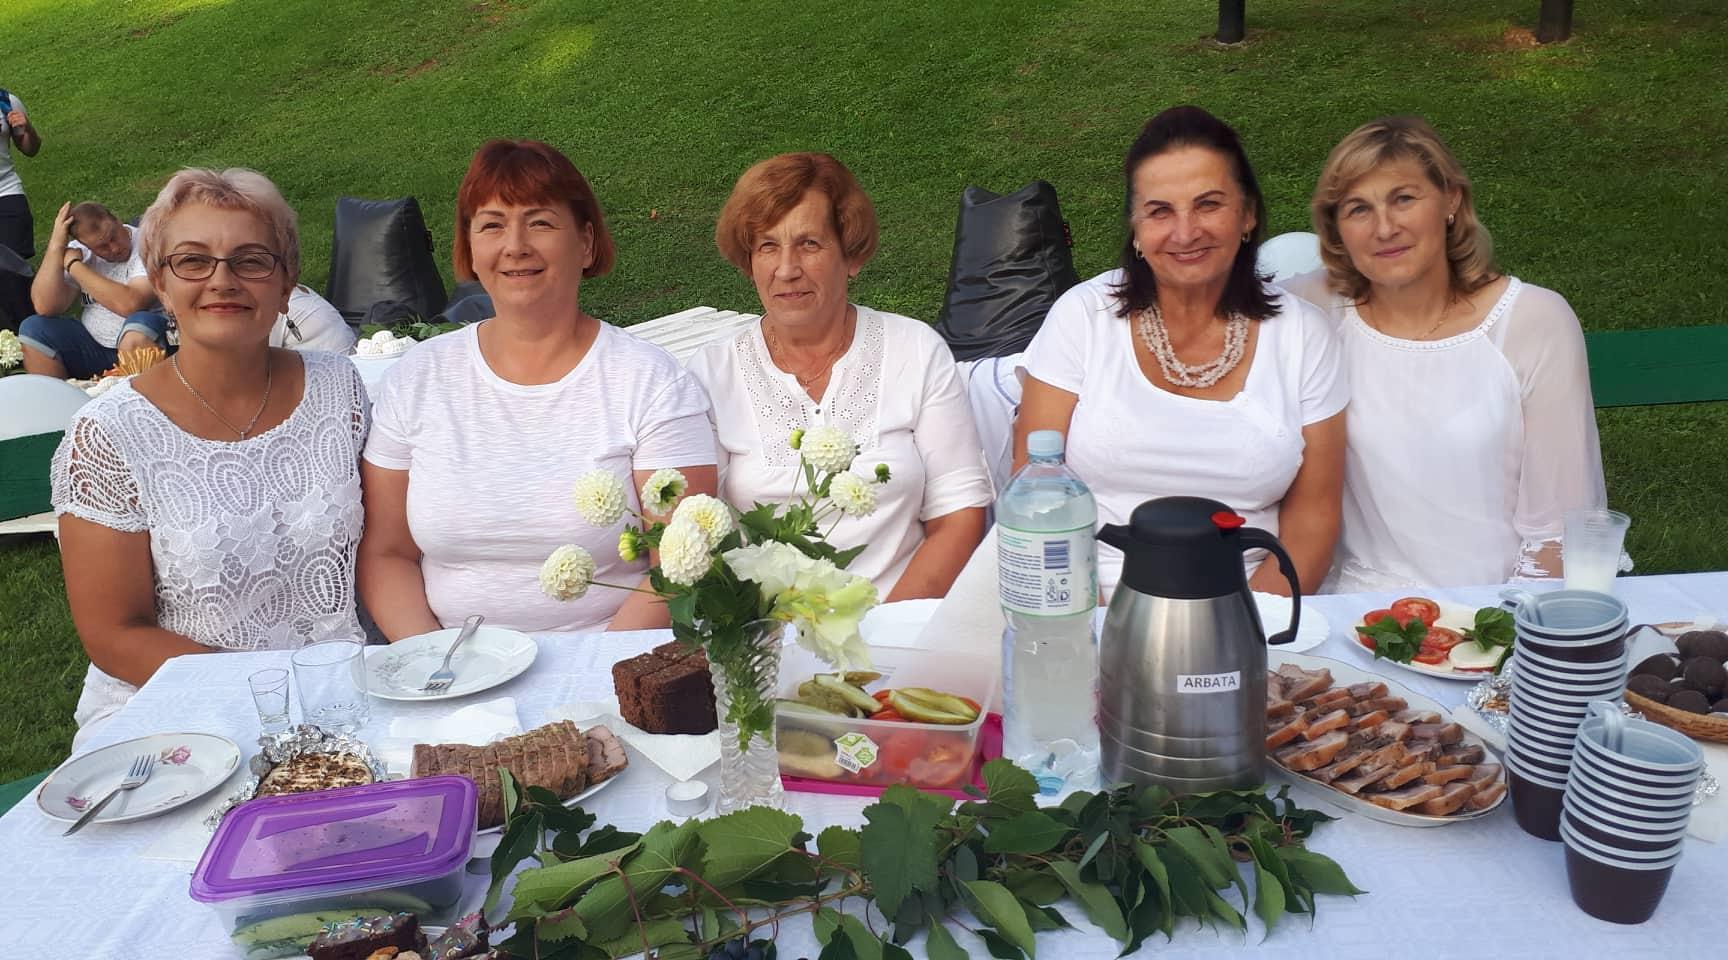 Po valandą trukusio koncerto Labūnavos bendruomenės gyventojai kartu su atlikėjais rinkosi į Labūnavos bendruomenės centro iniciatyva surengtą Baltąją vakarienę./ Organizatorių nuotr.